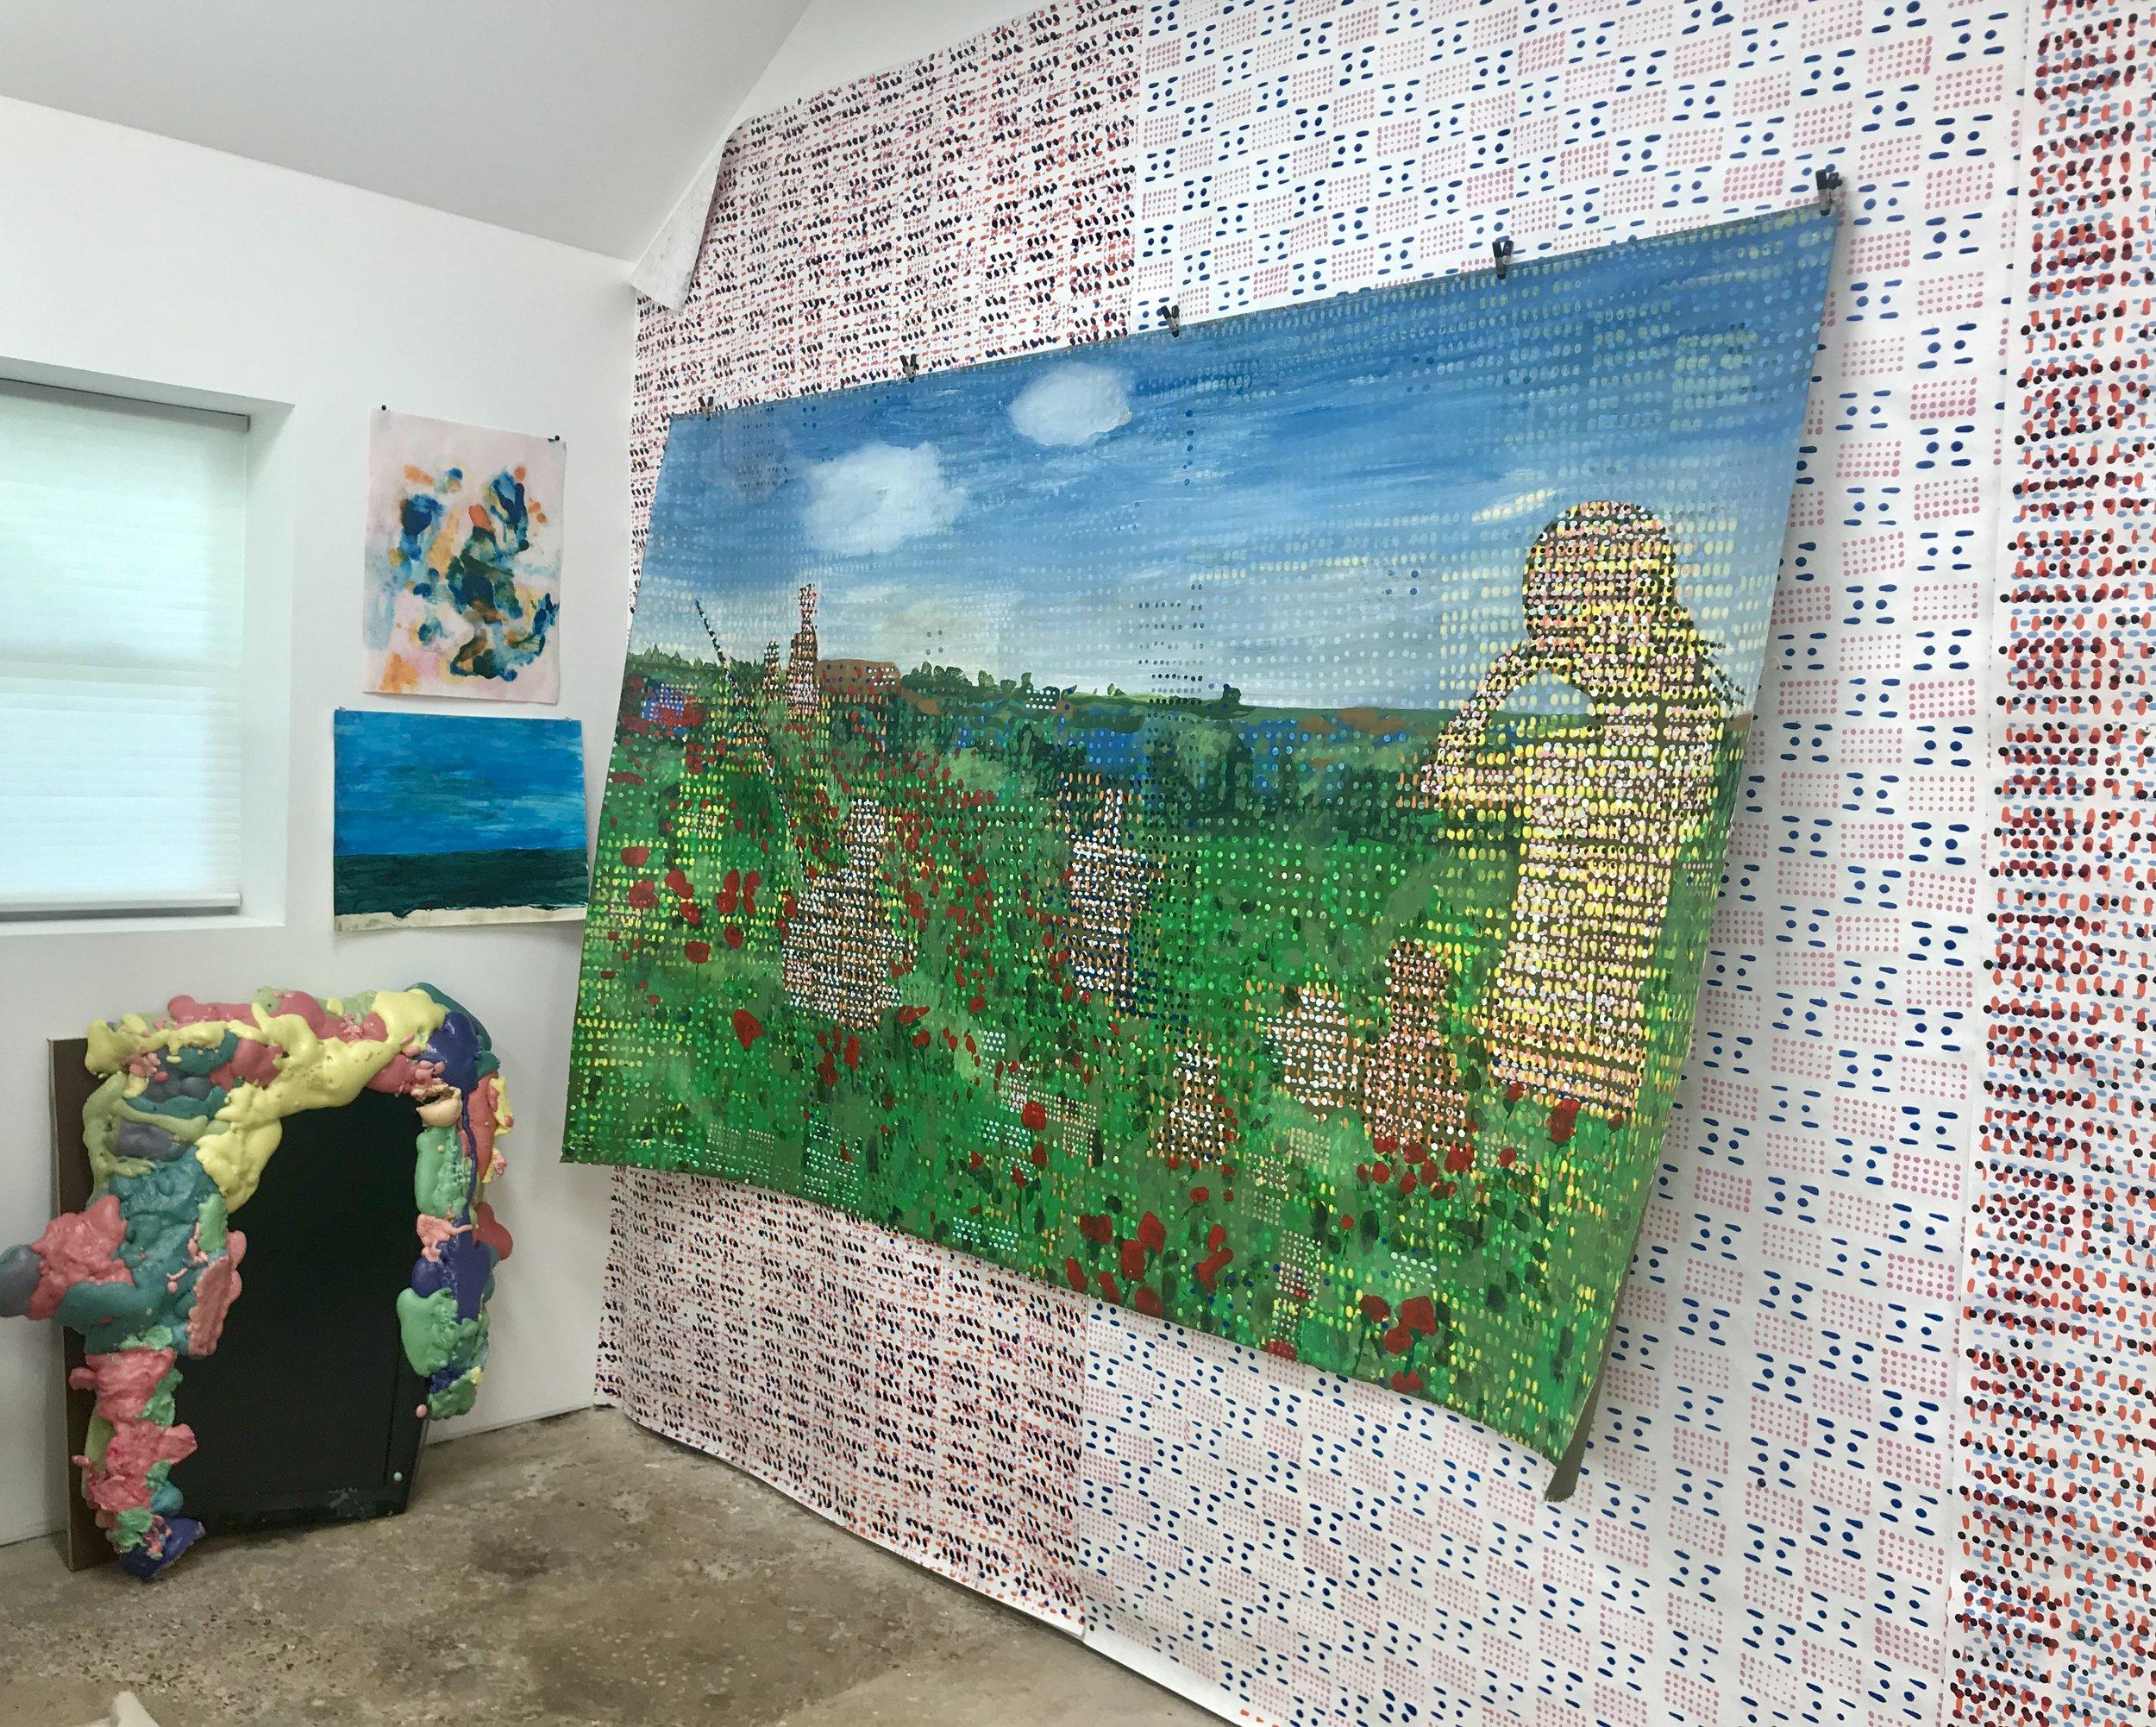 Jeff Ostergren's New Haven studio, July 24, 2019. Photo: J. Gleisner